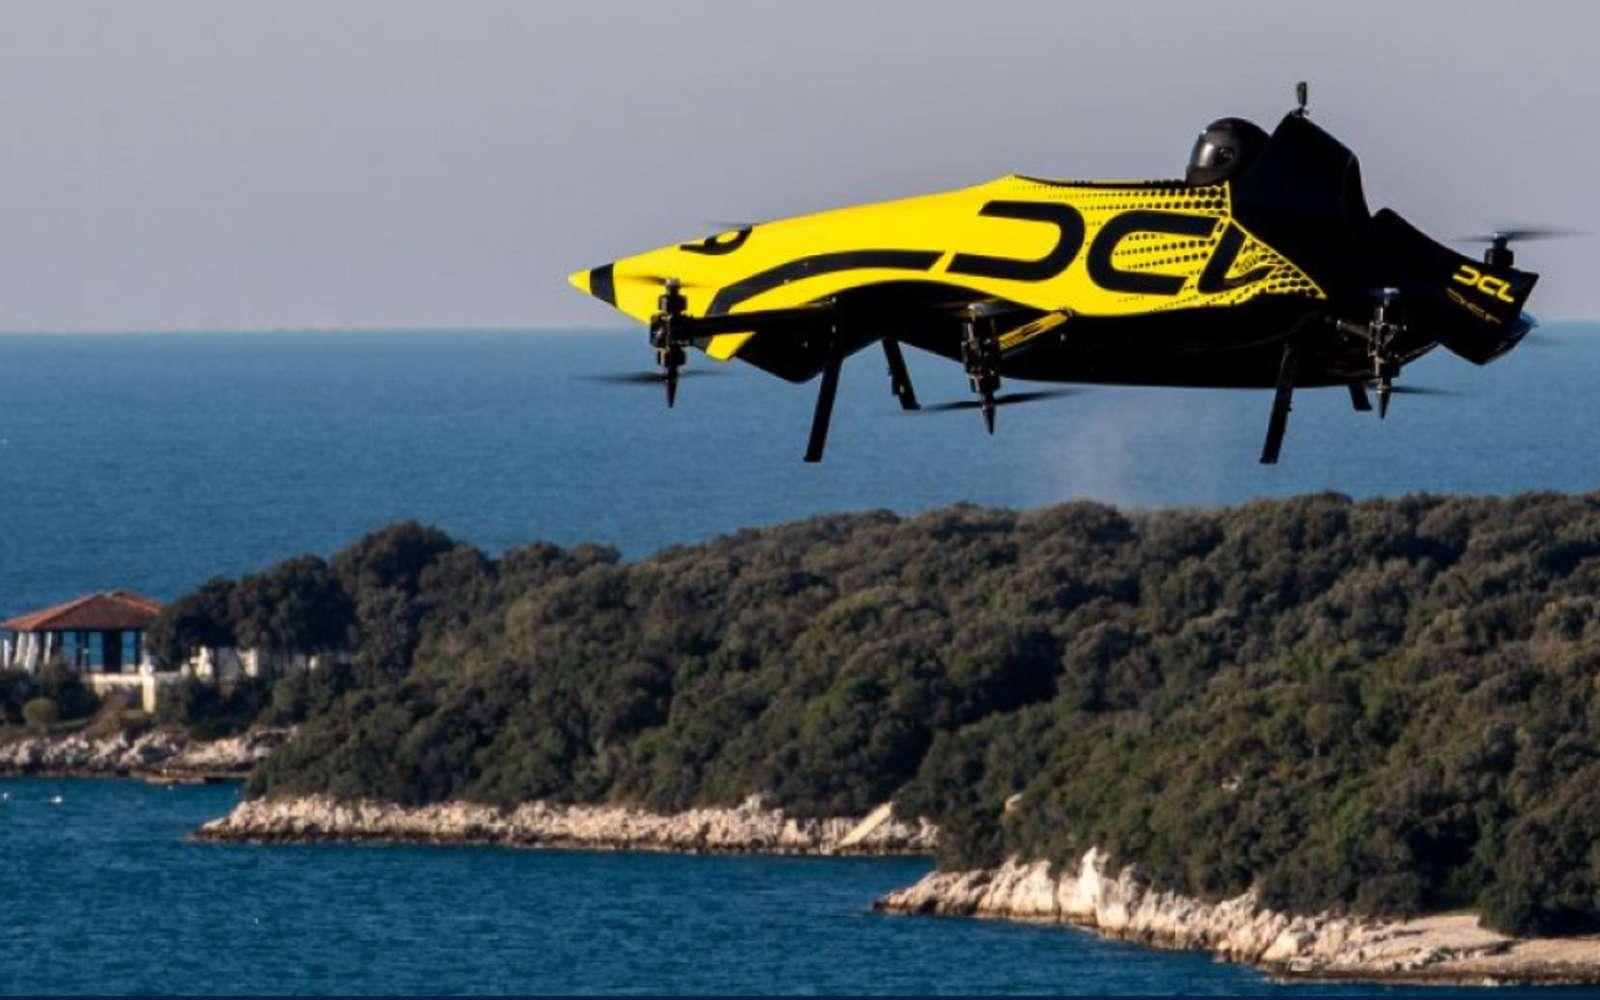 Le drone mis au point par DCL sait réaliser des figures de voltige classiques avec un mannequin à bord. Il pourrait très bien le faire avec un véritable passager. © DCL